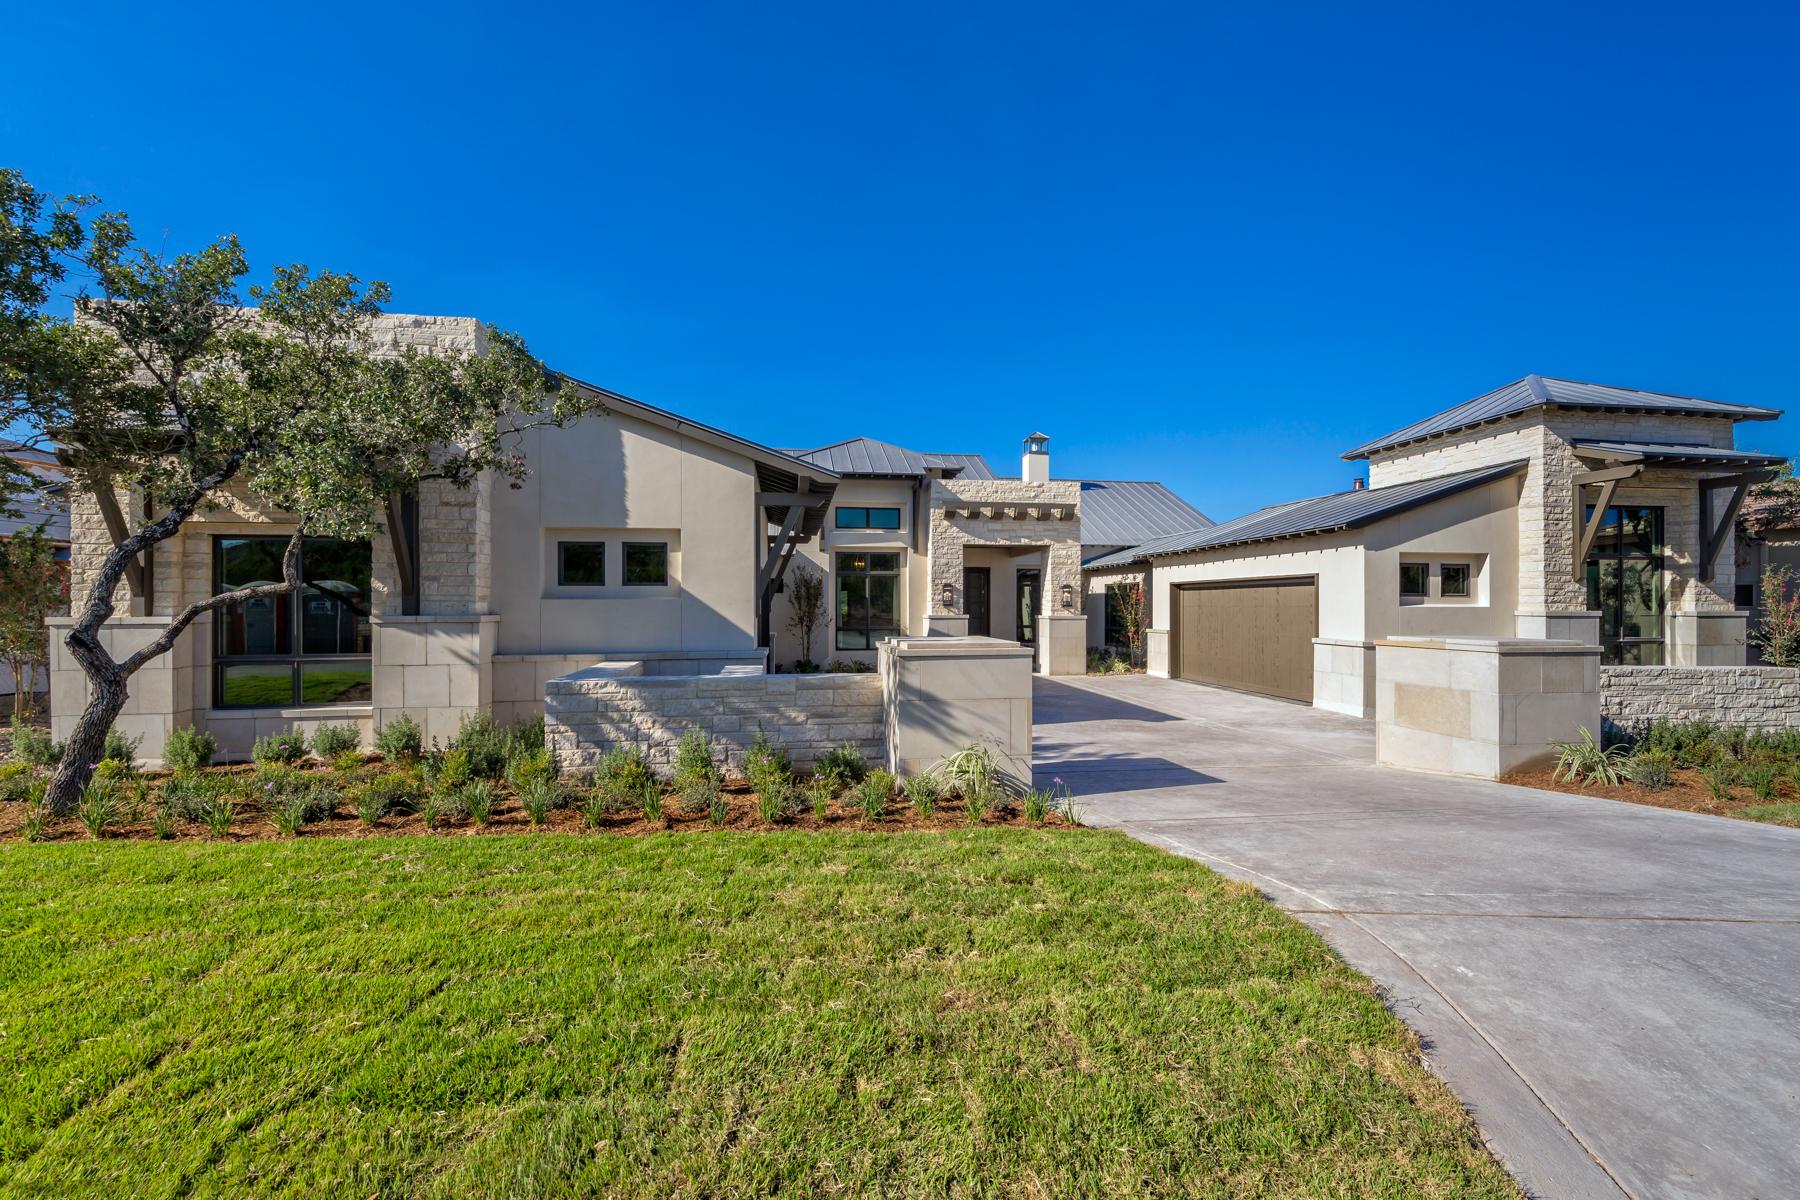 一戸建て のために 売買 アット Exquisite Estate in The Dominion 24507 Cliff Line The Dominion, San Antonio, テキサス, 78257 アメリカ合衆国